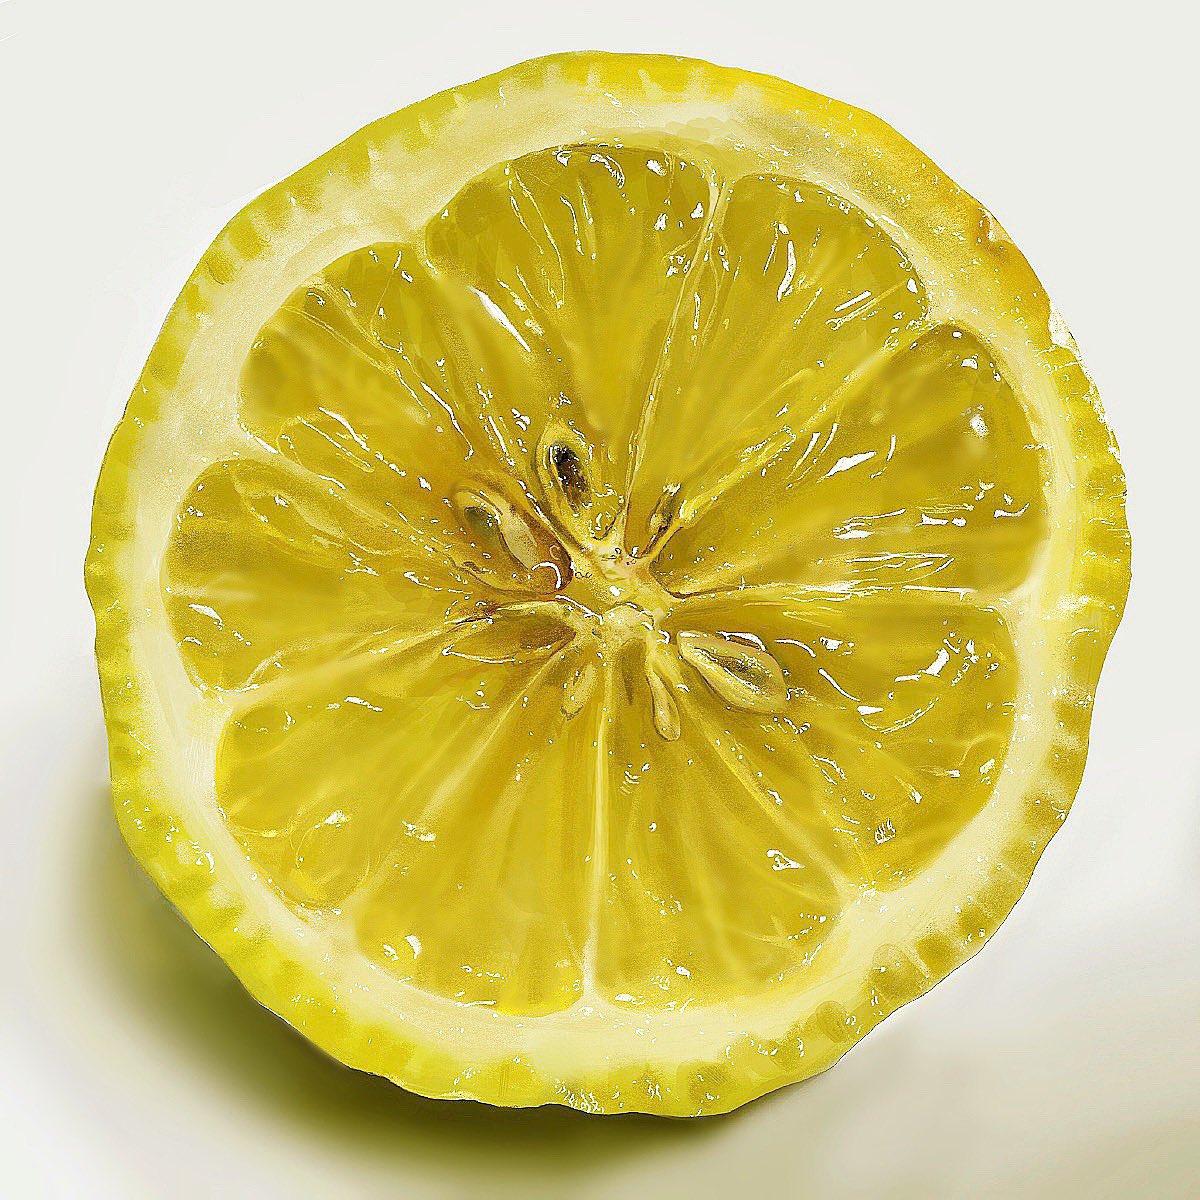 どっちがどっち!?描いたレモンと撮ったレモンの見分けがつかないwww